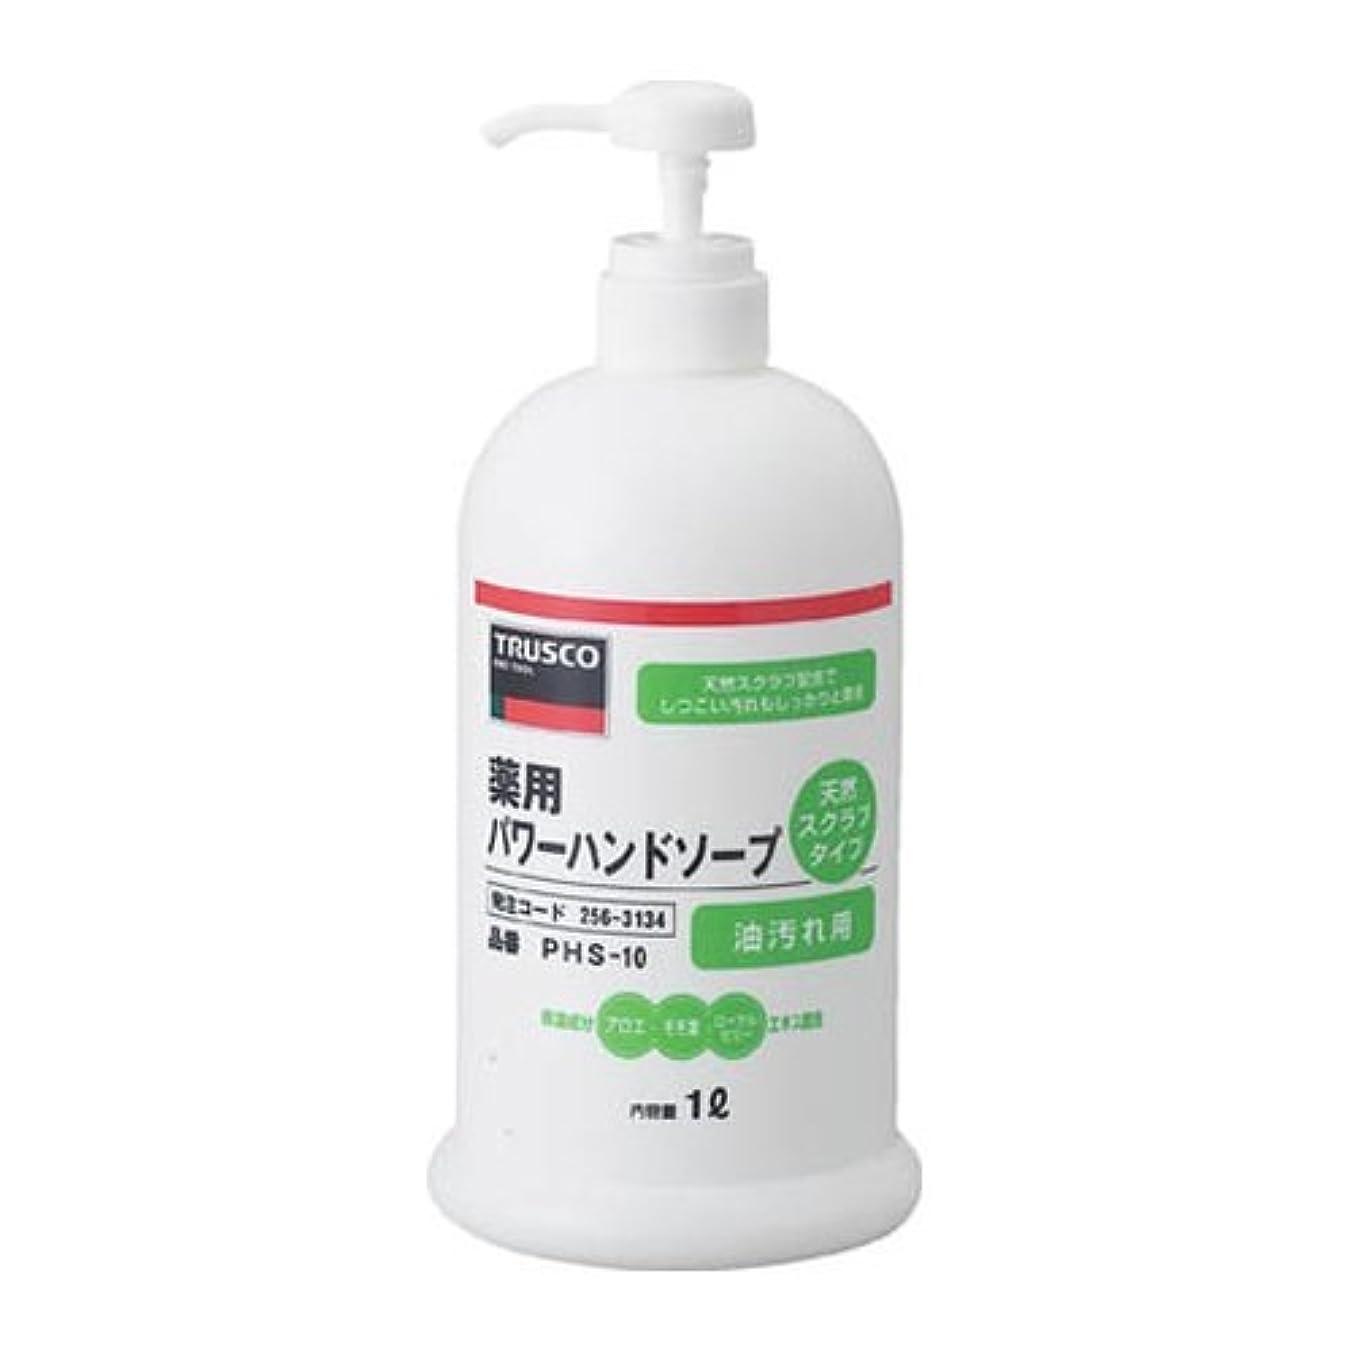 うま発掘ソフィーTRUSCO 薬用パワーハンドソープポンプボトル1.0L